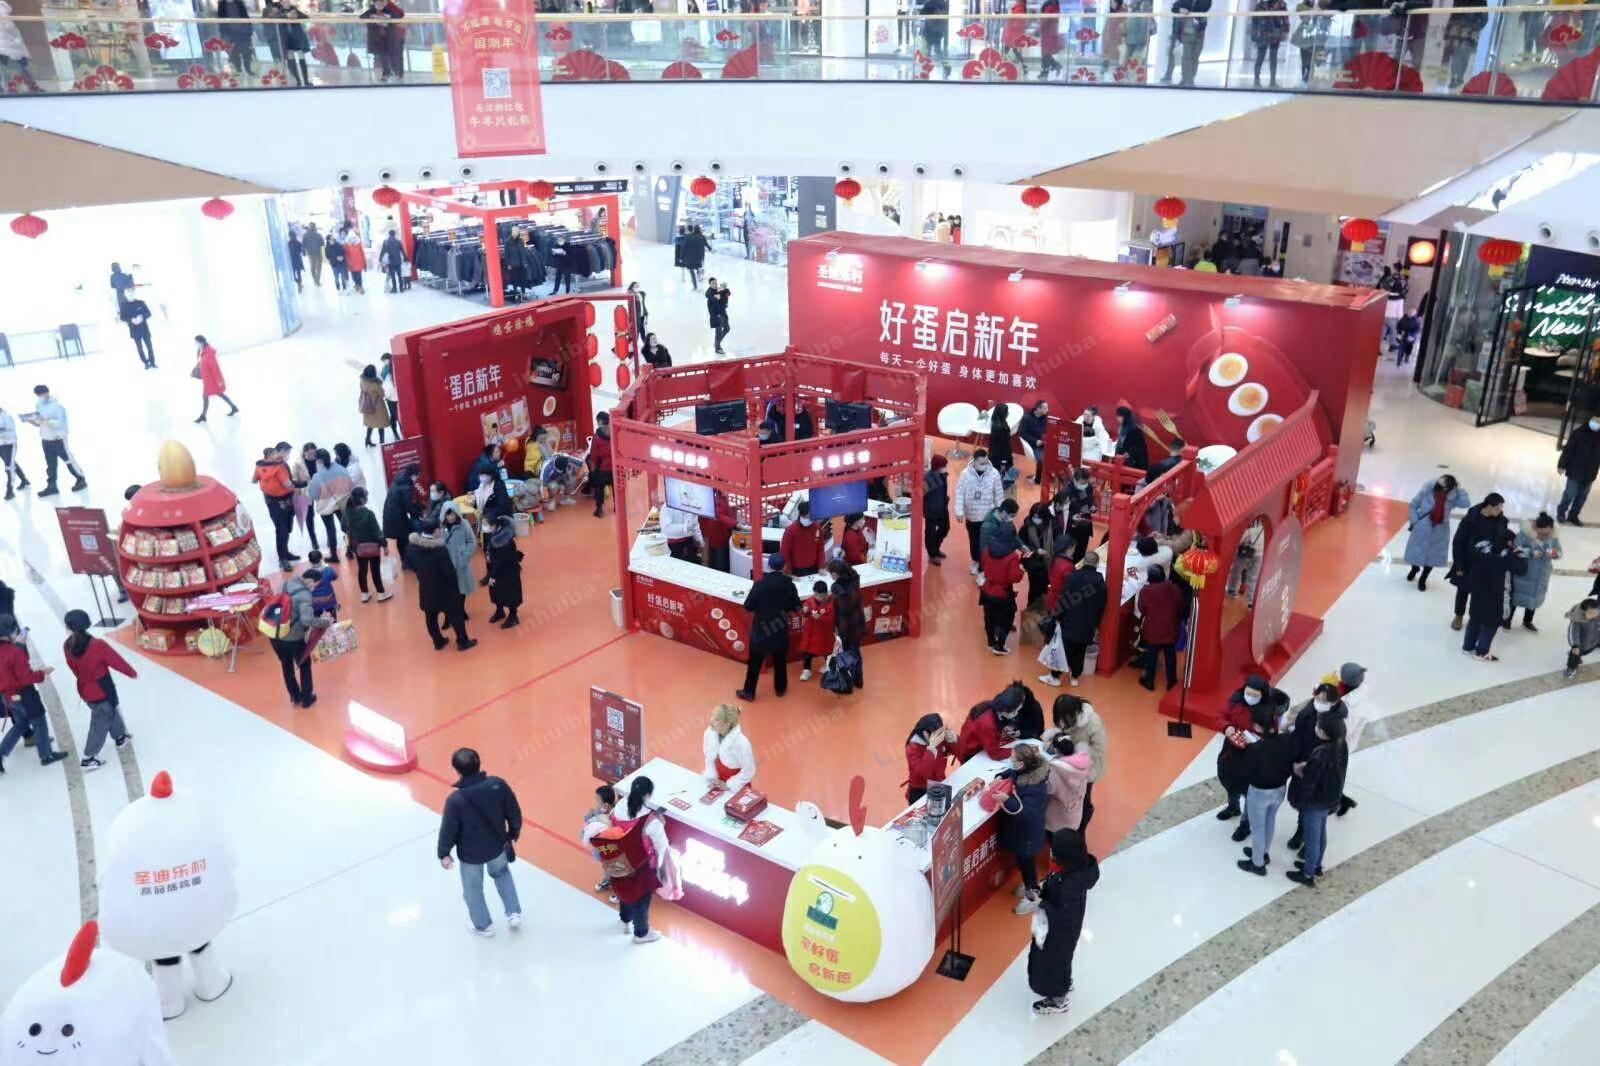 圣迪乐村鸡蛋品宣推广-重庆巴南万达广场